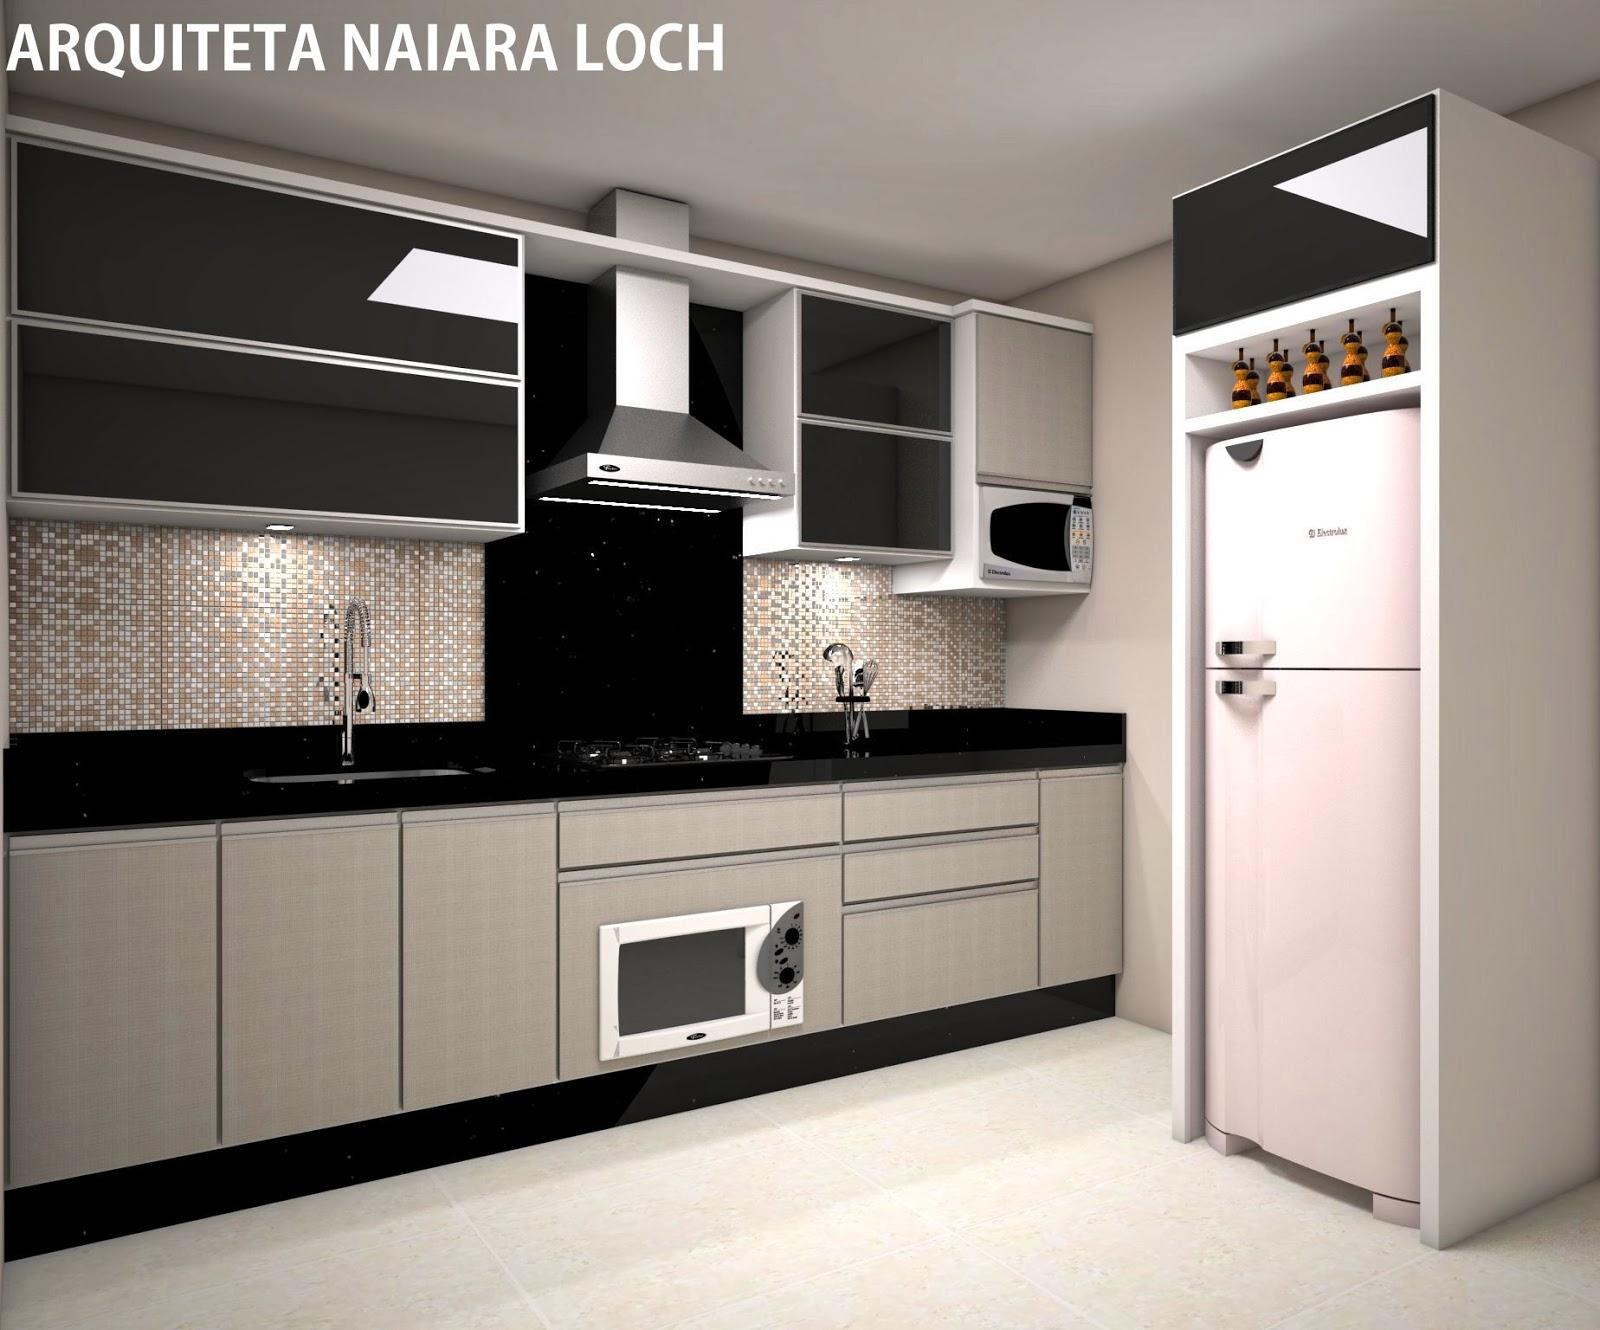 Cozinha Projeto e execução Arquiteta Naiara Loch #AA6521 1600 1330